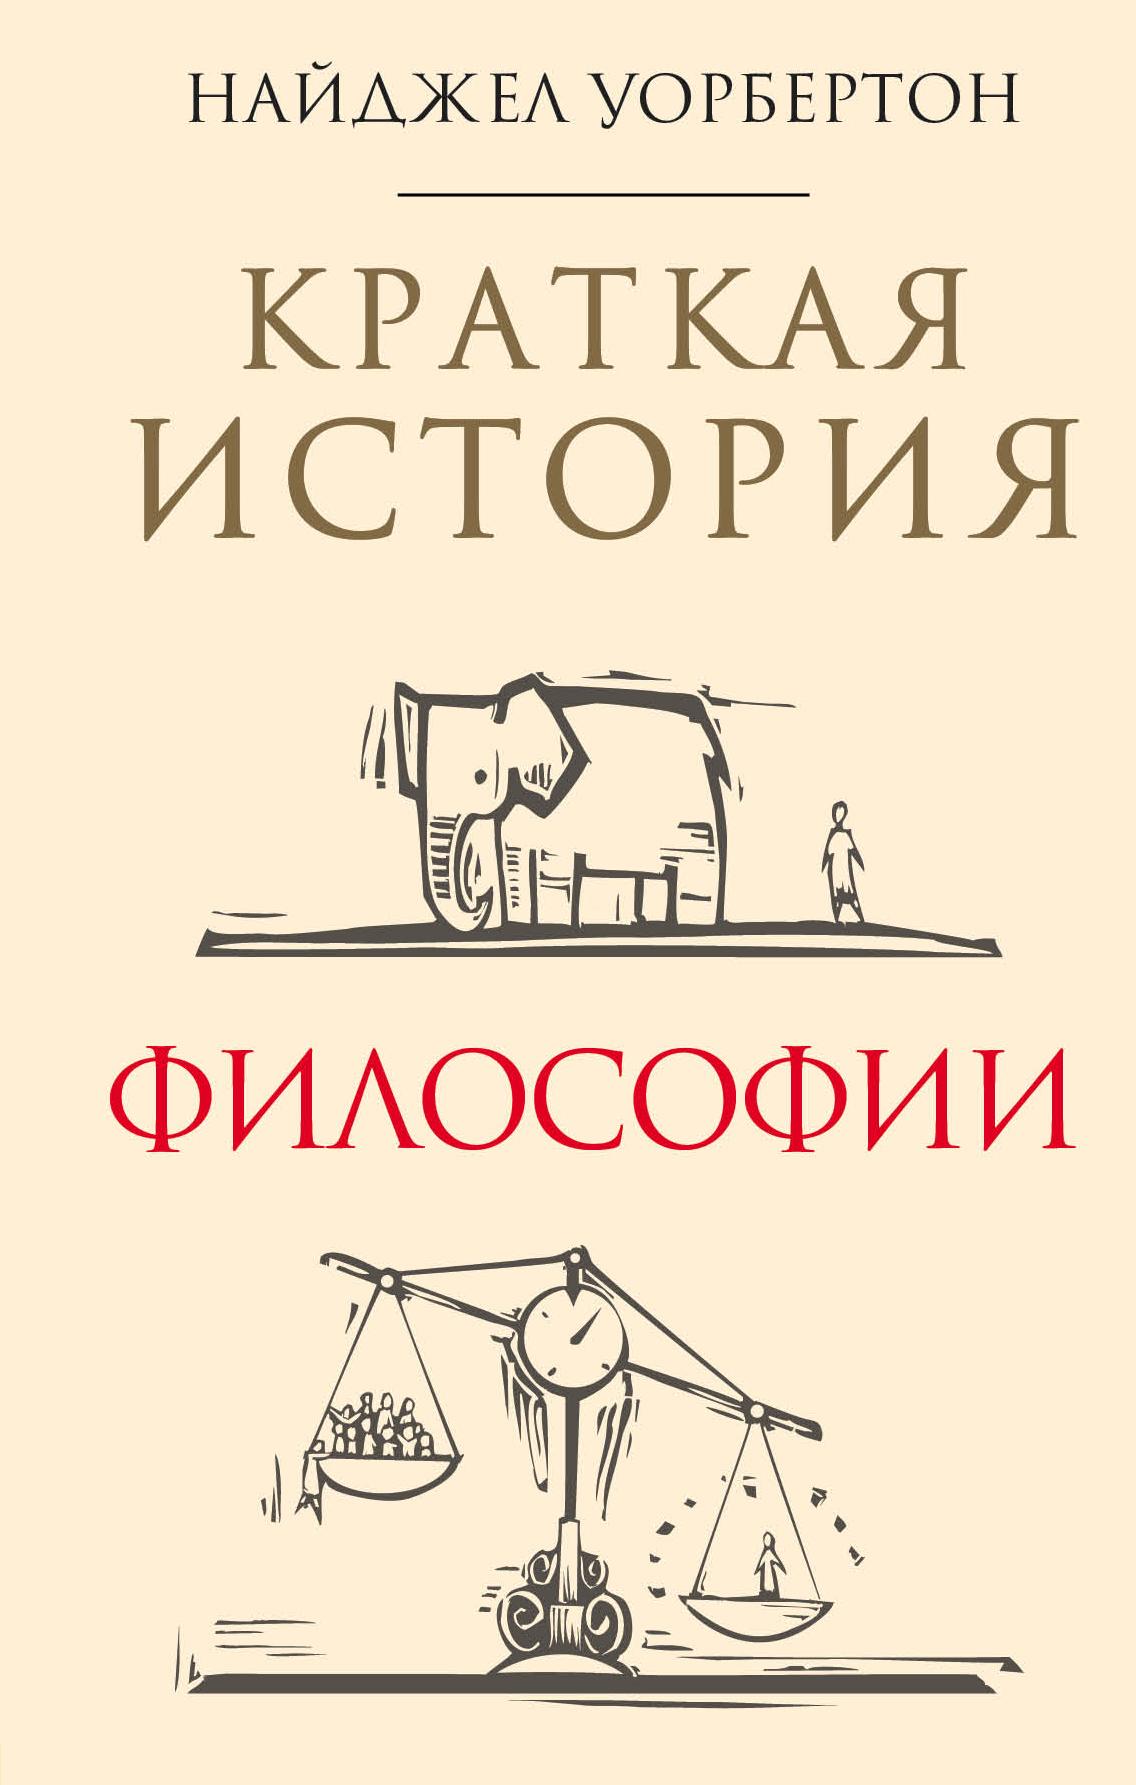 Краткая история философии: биографии 40 знаменитых философов ( Уорбертон Найджел  )